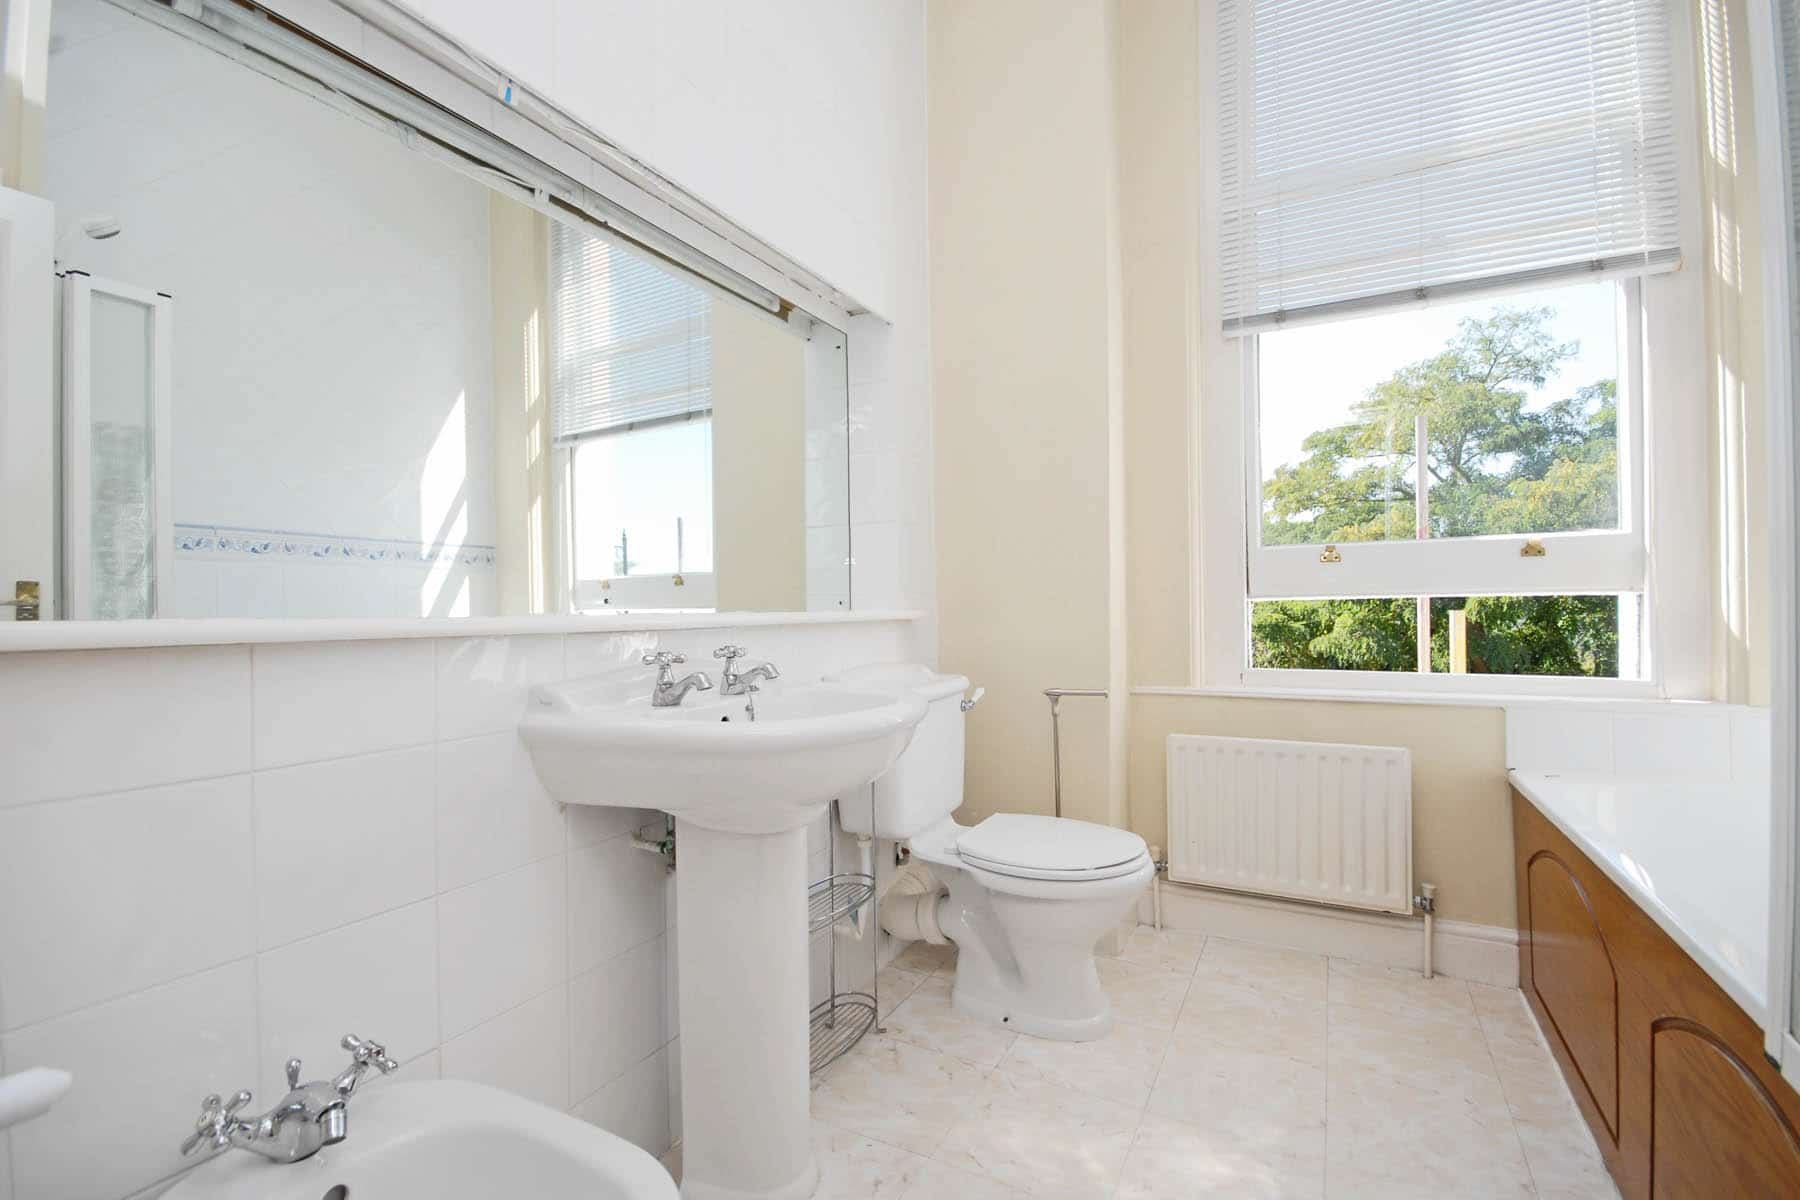 CLCR 6 Park House TW10 Bathroom-1 LR